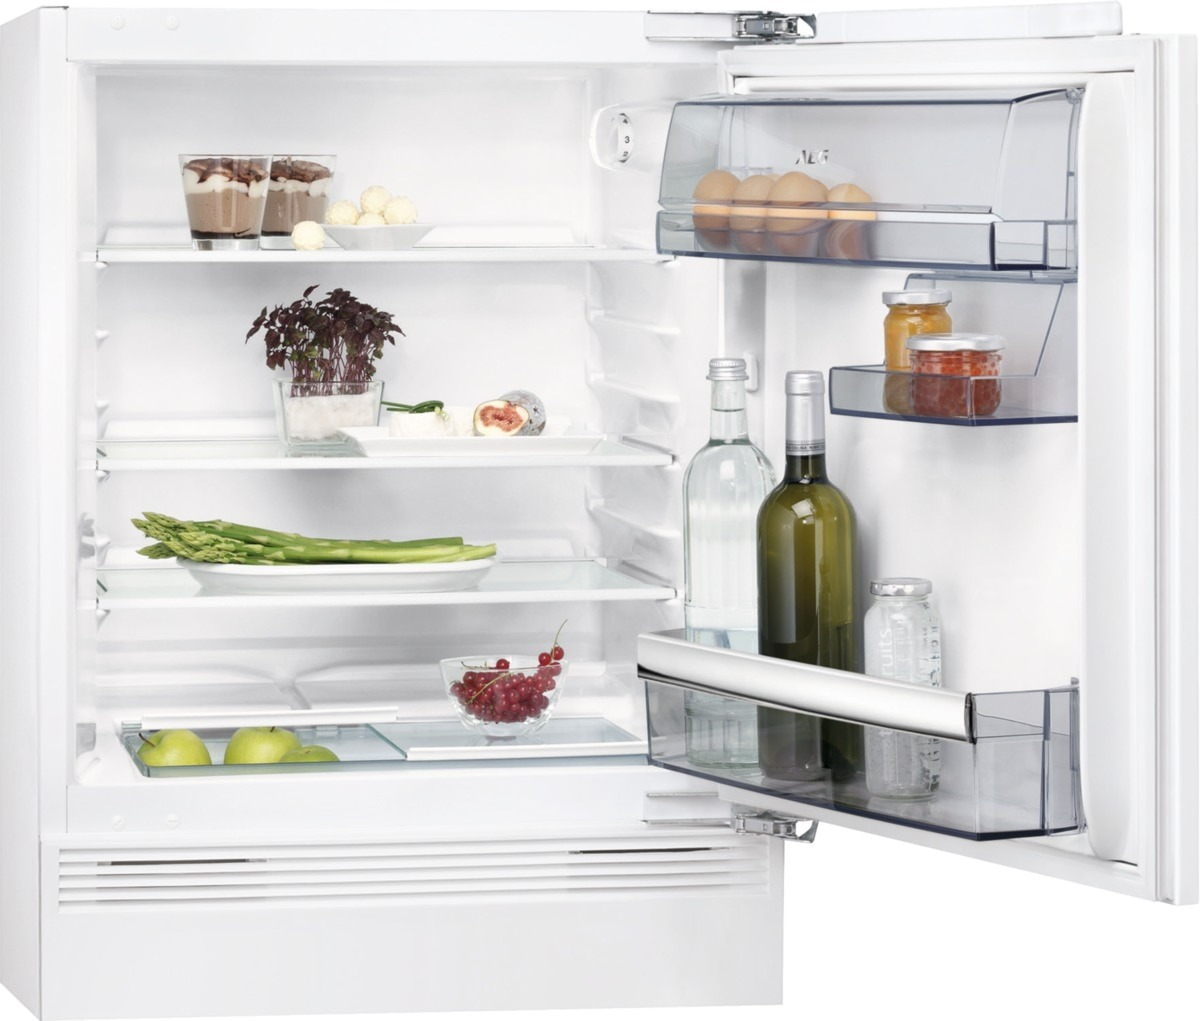 AEG SKB582F1AF Inbouw koelkast